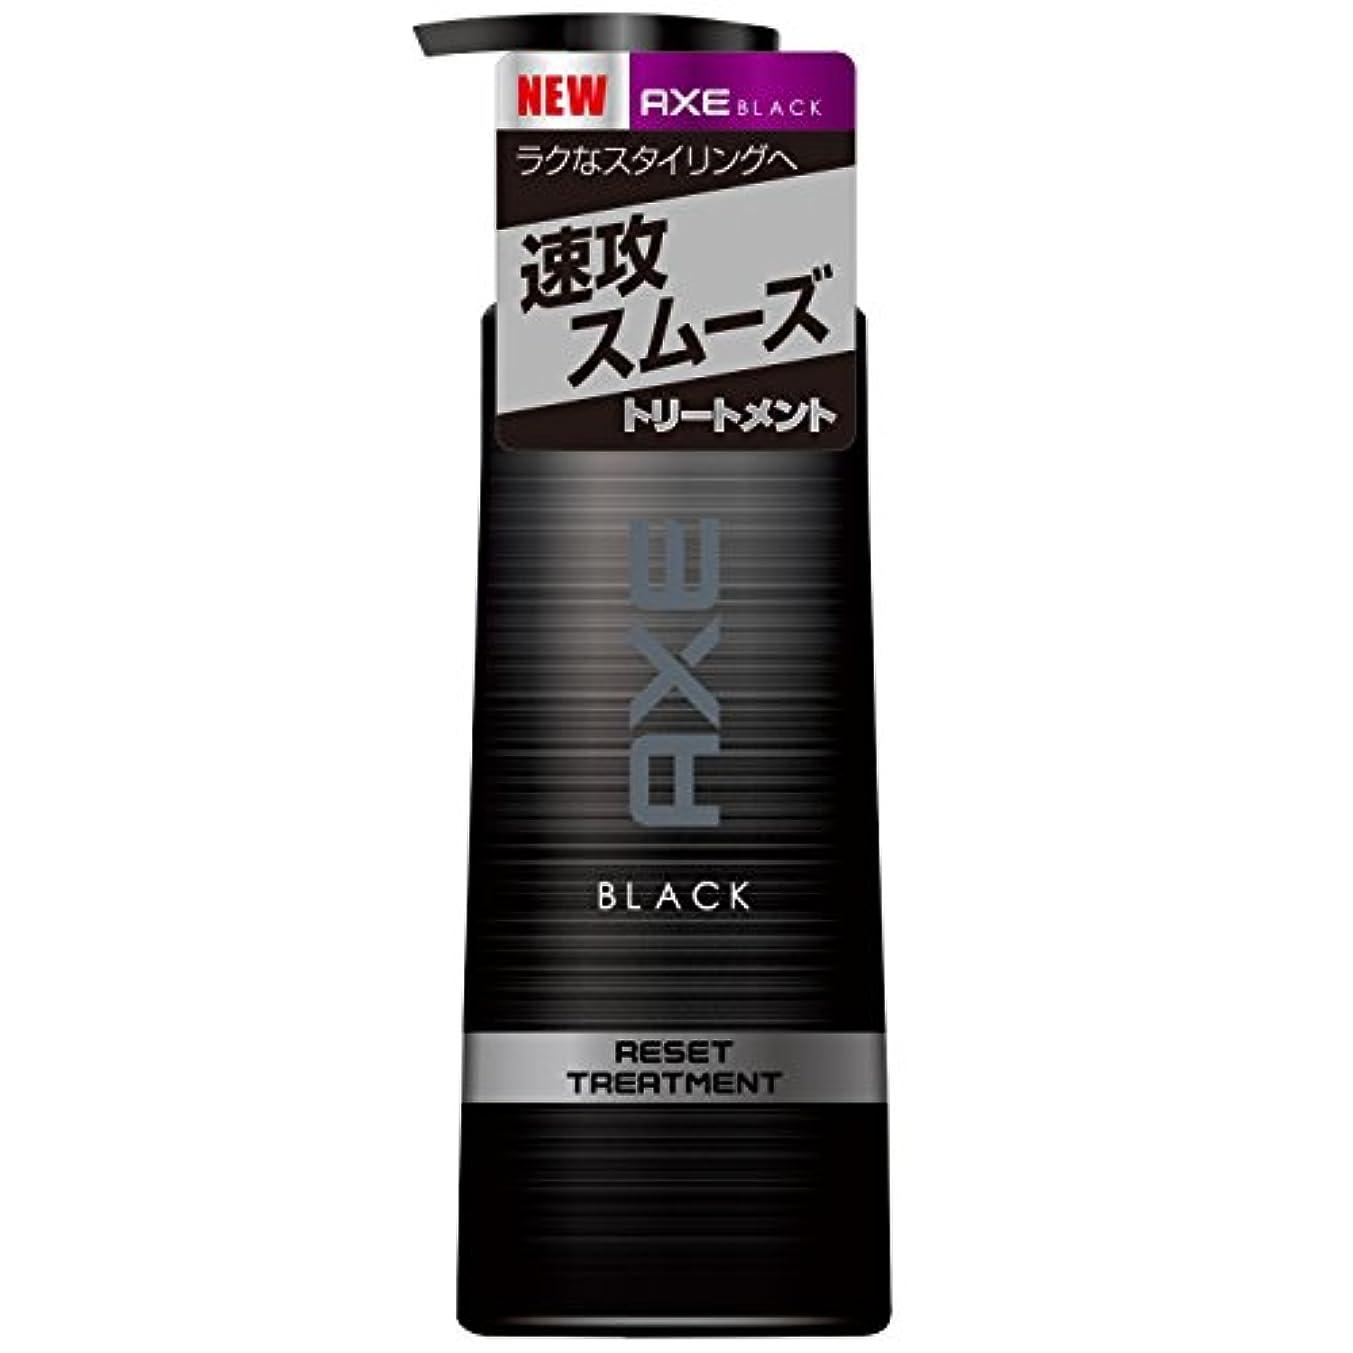 シェーバー空中胃アックス ブラック 男性用 トリートメント ポンプ (速攻スムーズ、ラクなスタイリングへ) 350g (クールマリンのさりげない香り)